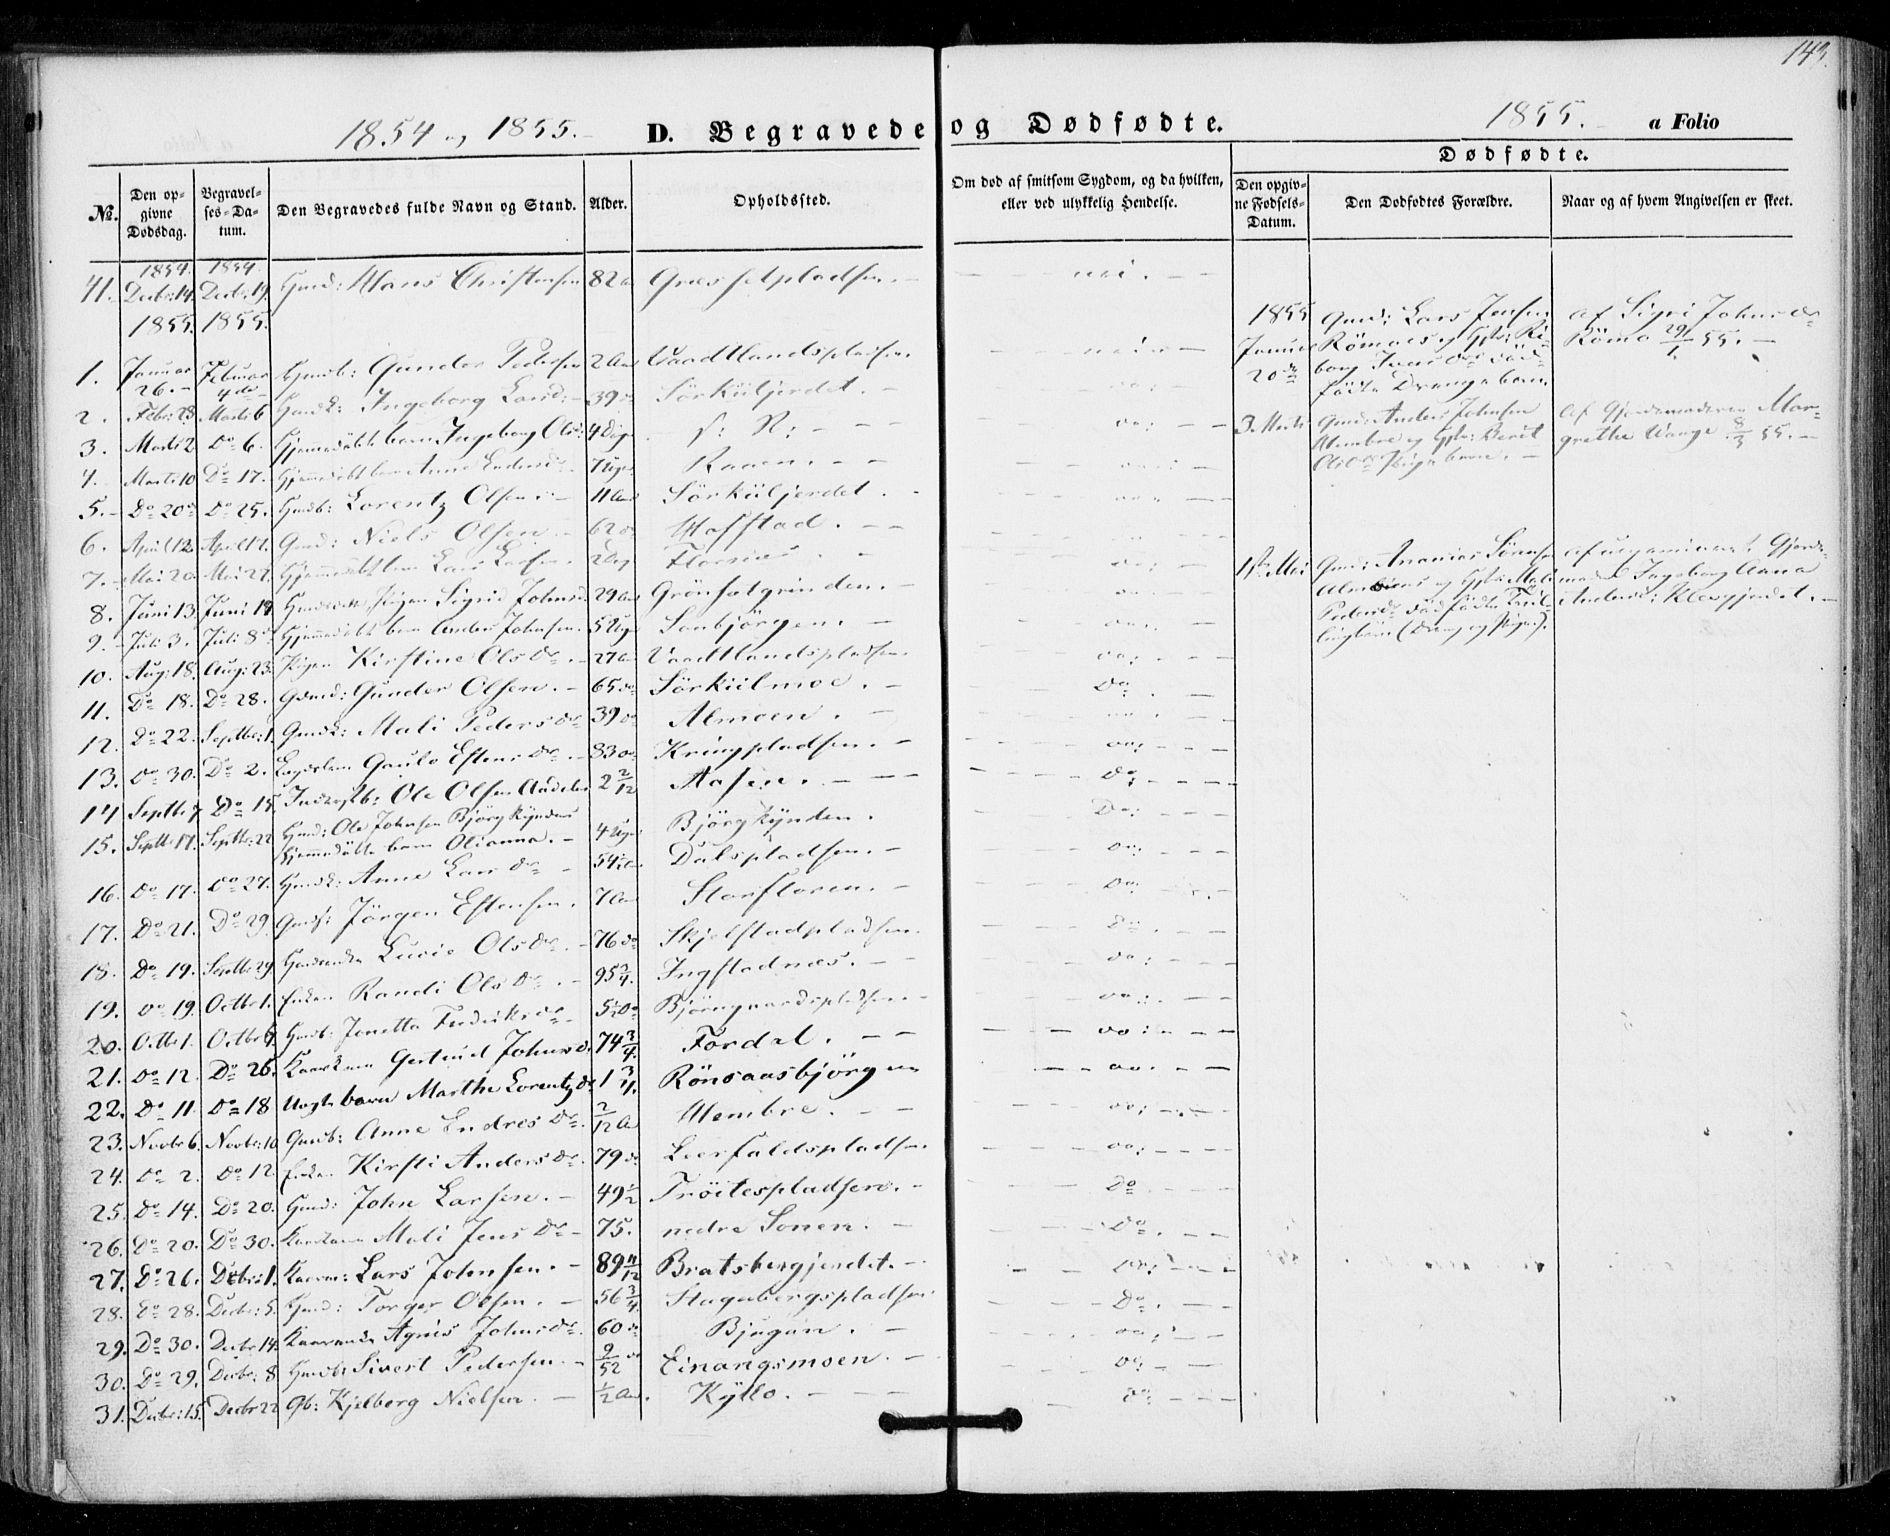 SAT, Ministerialprotokoller, klokkerbøker og fødselsregistre - Nord-Trøndelag, 703/L0028: Ministerialbok nr. 703A01, 1850-1862, s. 143